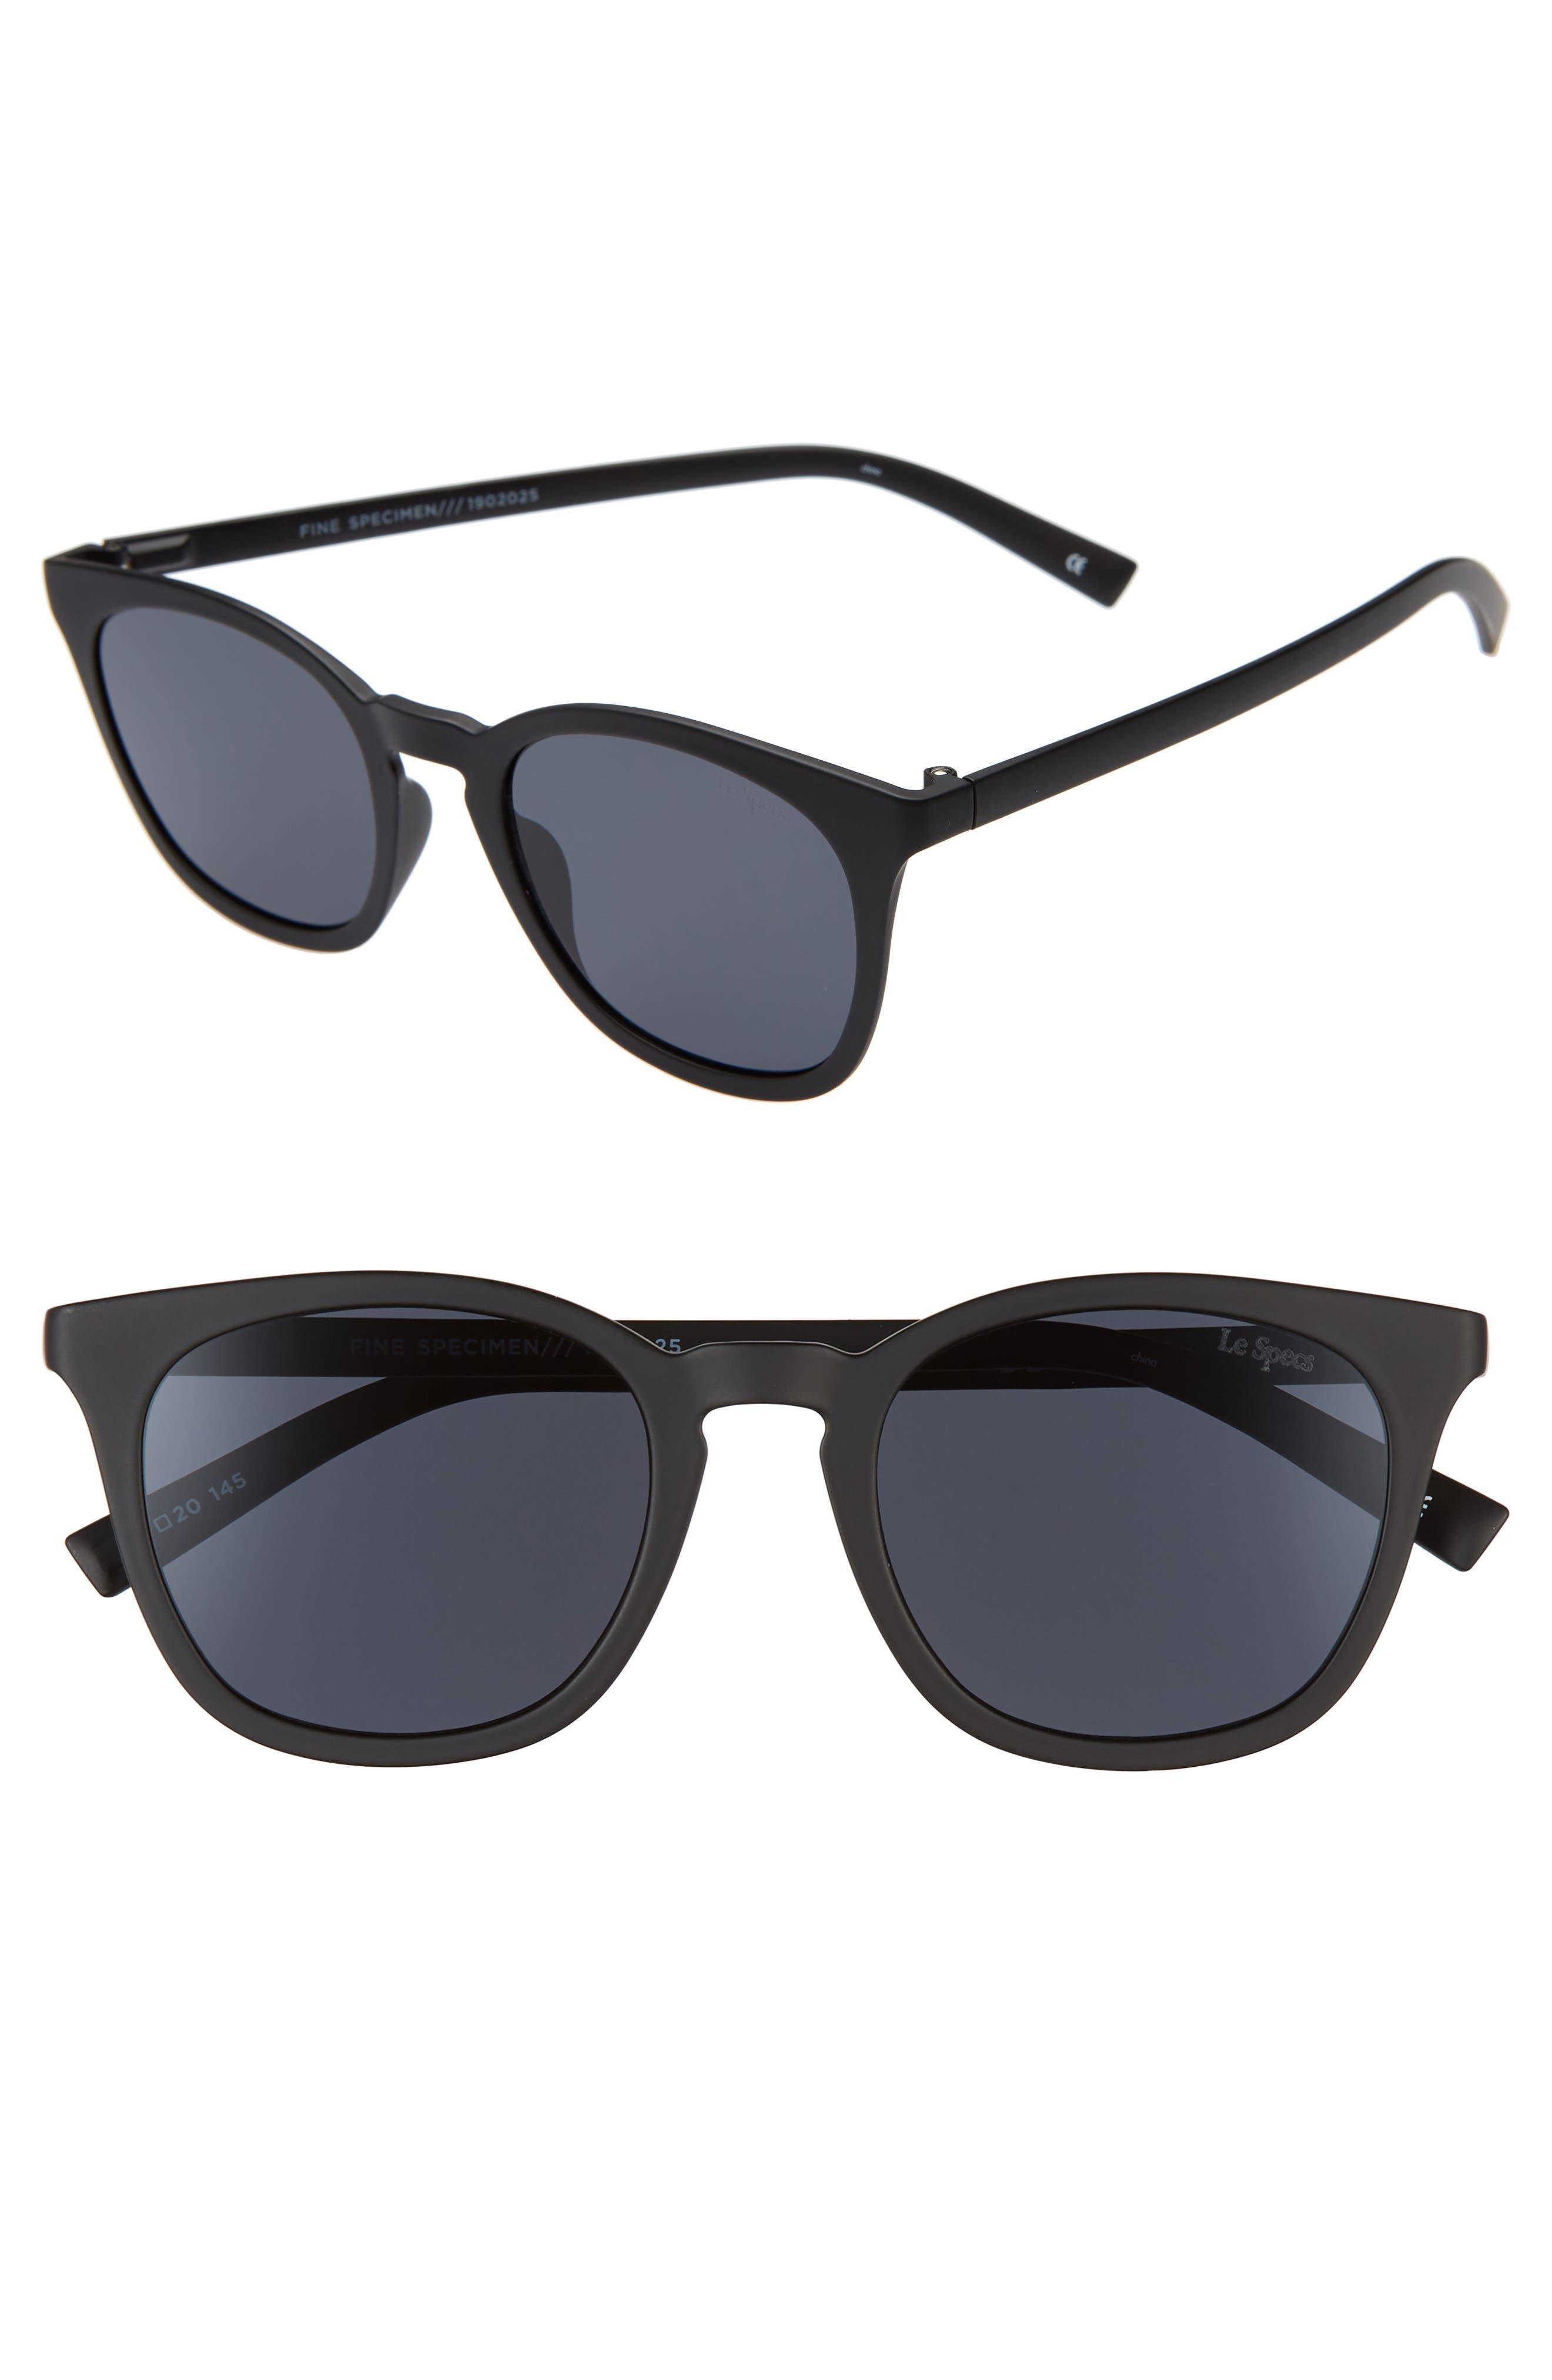 Le Specs Fine Specimen 51Mm Square Sunglasses - Matte Black/ Smoke